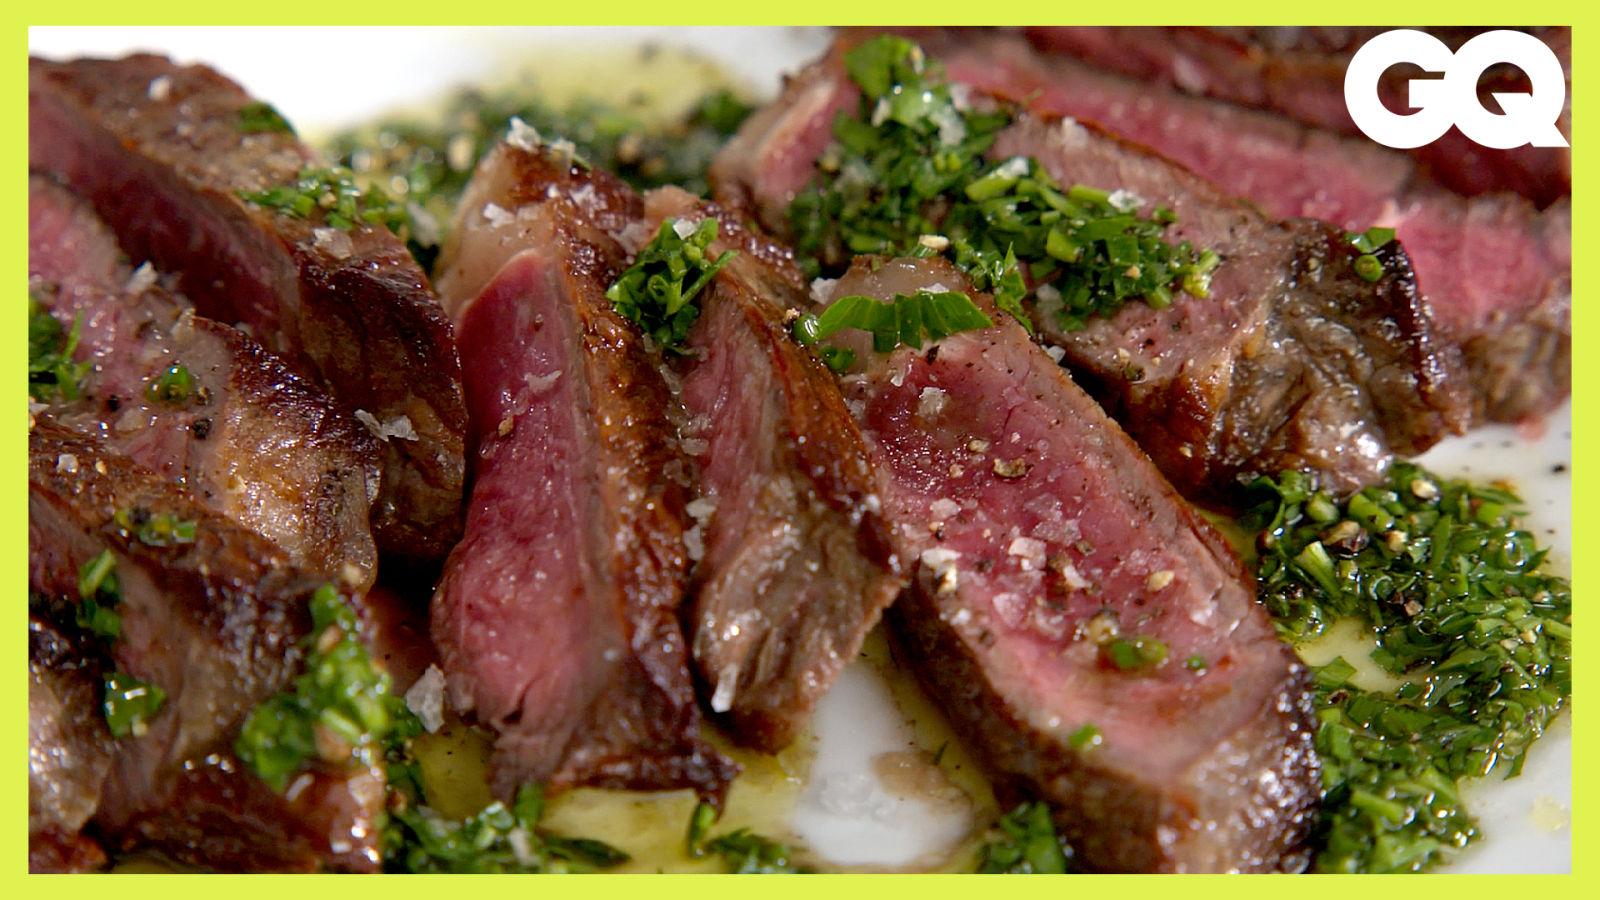 8分鐘在家煎出極品牛排!一個小技巧煎出完美焦脆外皮、肉質粉嫩又不帶血水 How To Cook A Perfect Steak At Home|科普長知識|GQ Taiwan